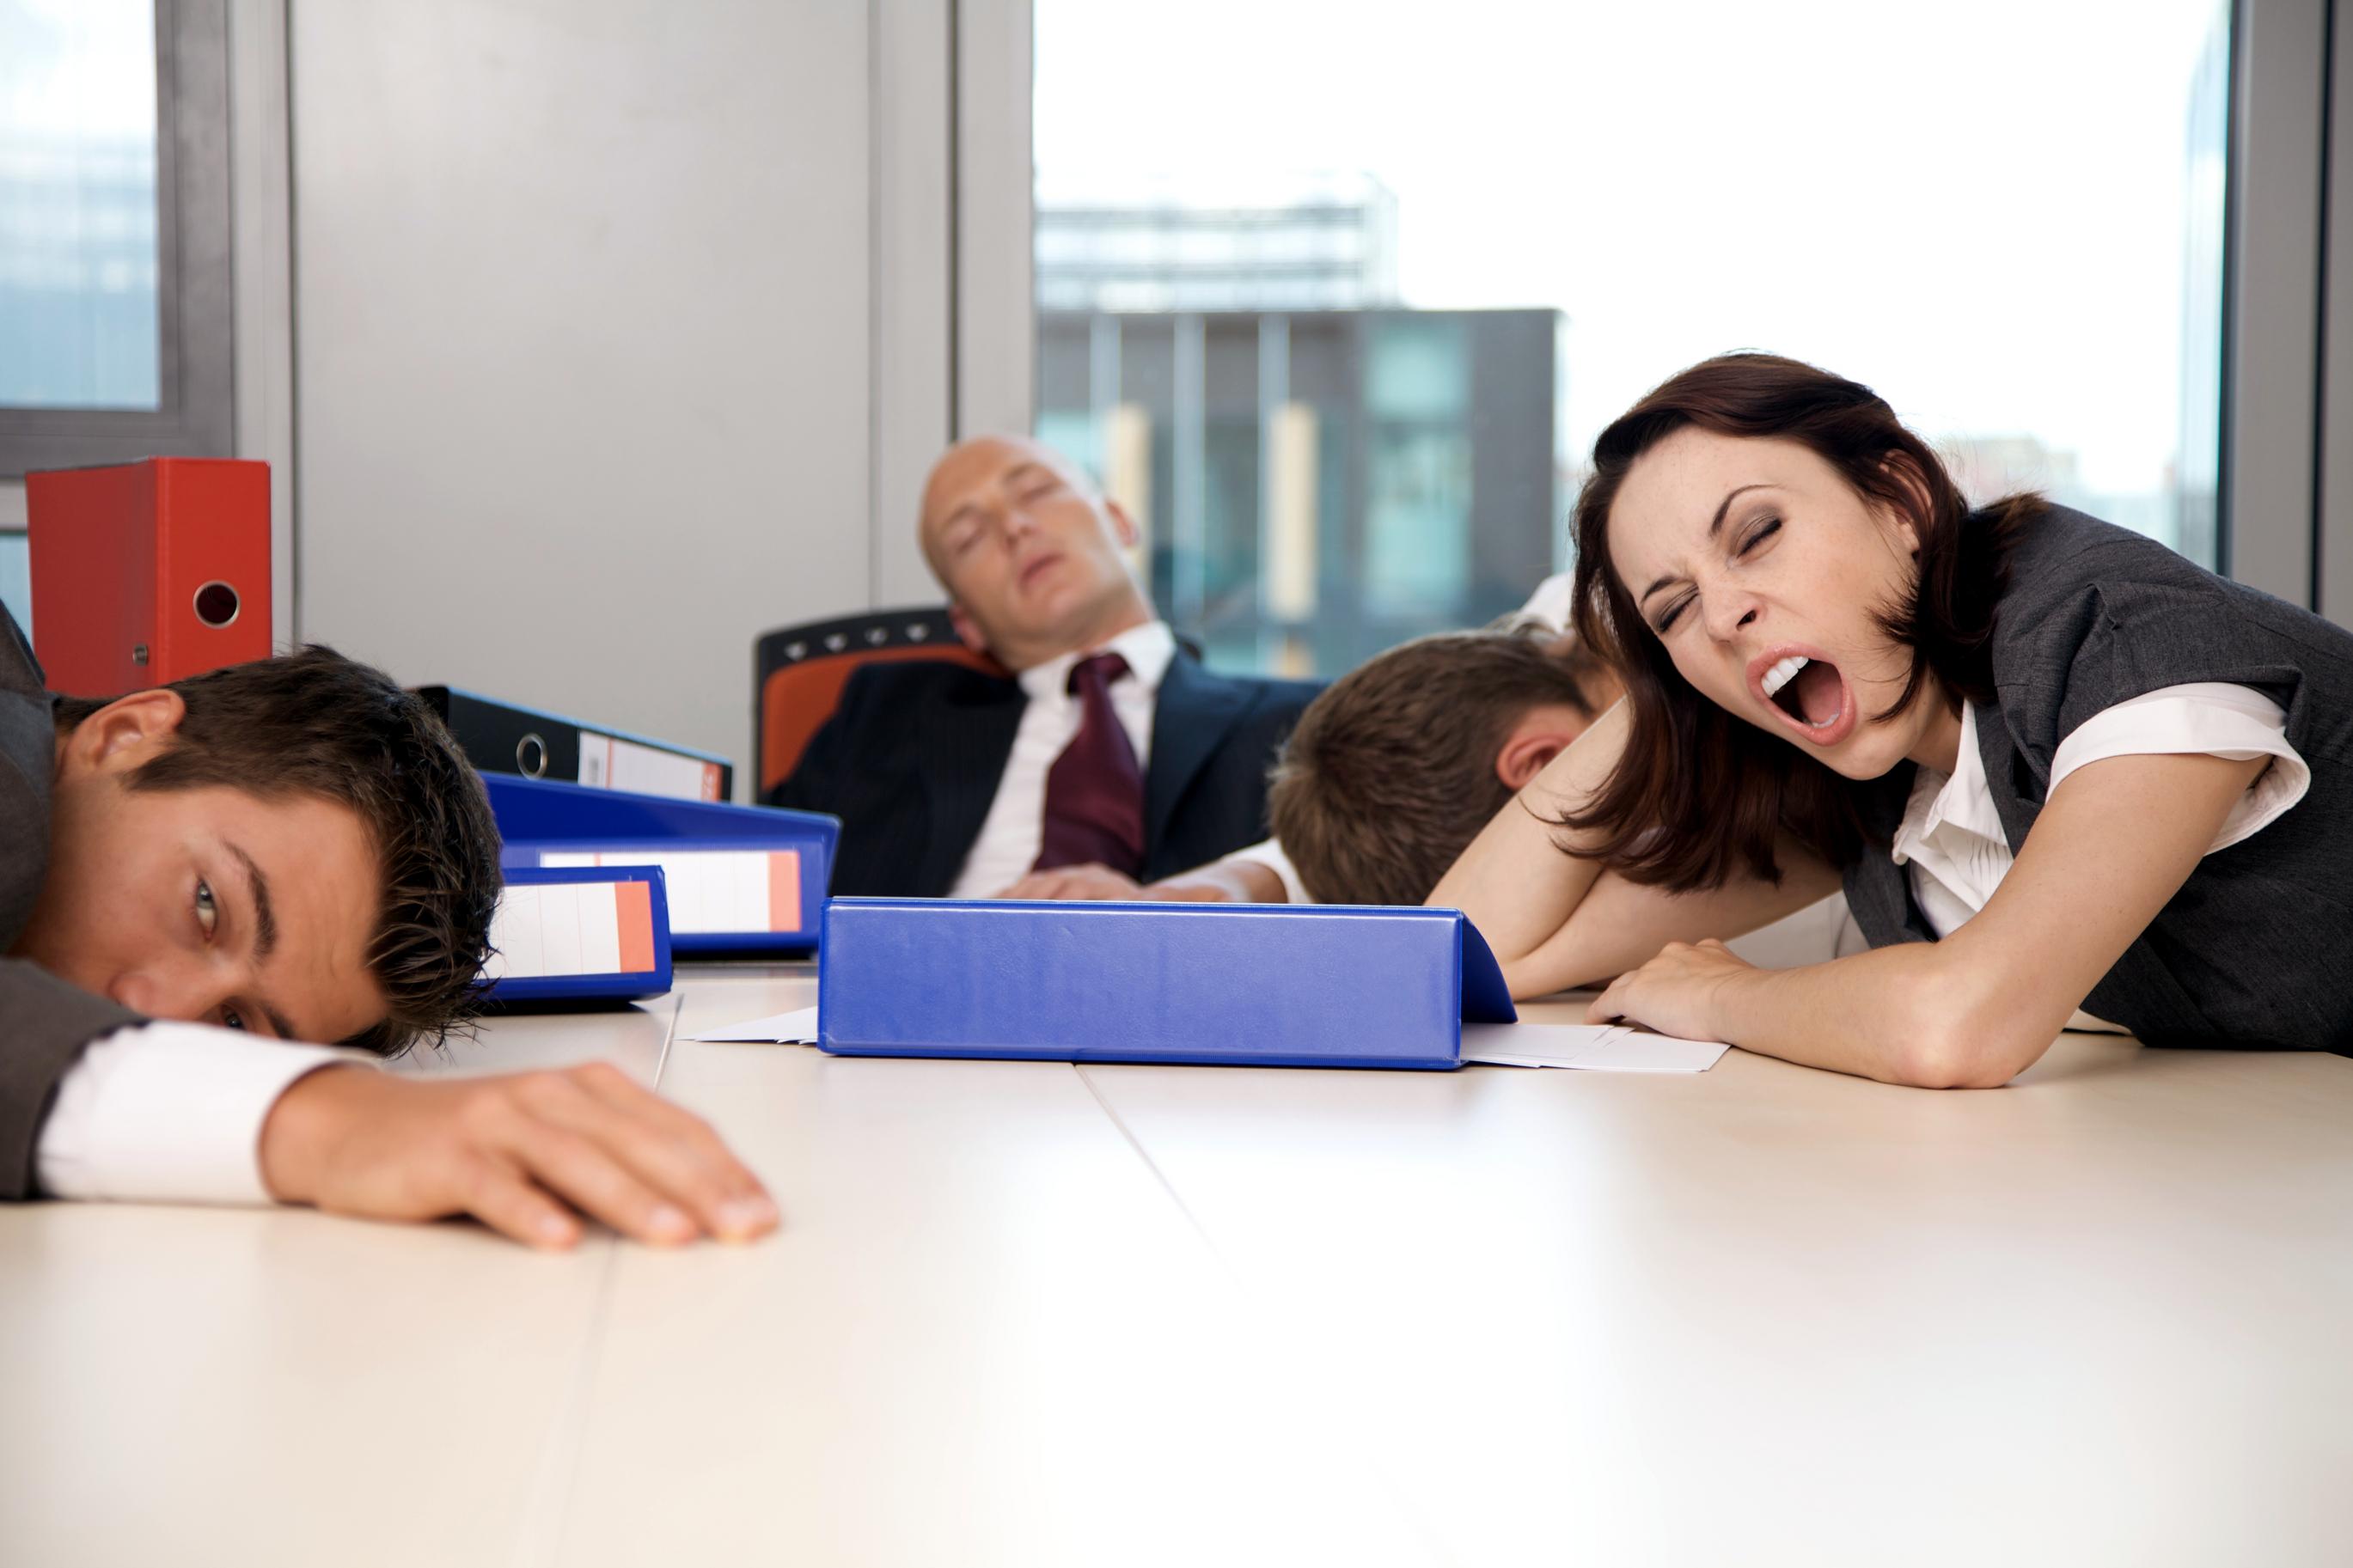 Спящие лодыри на работе картинки процесс, мере